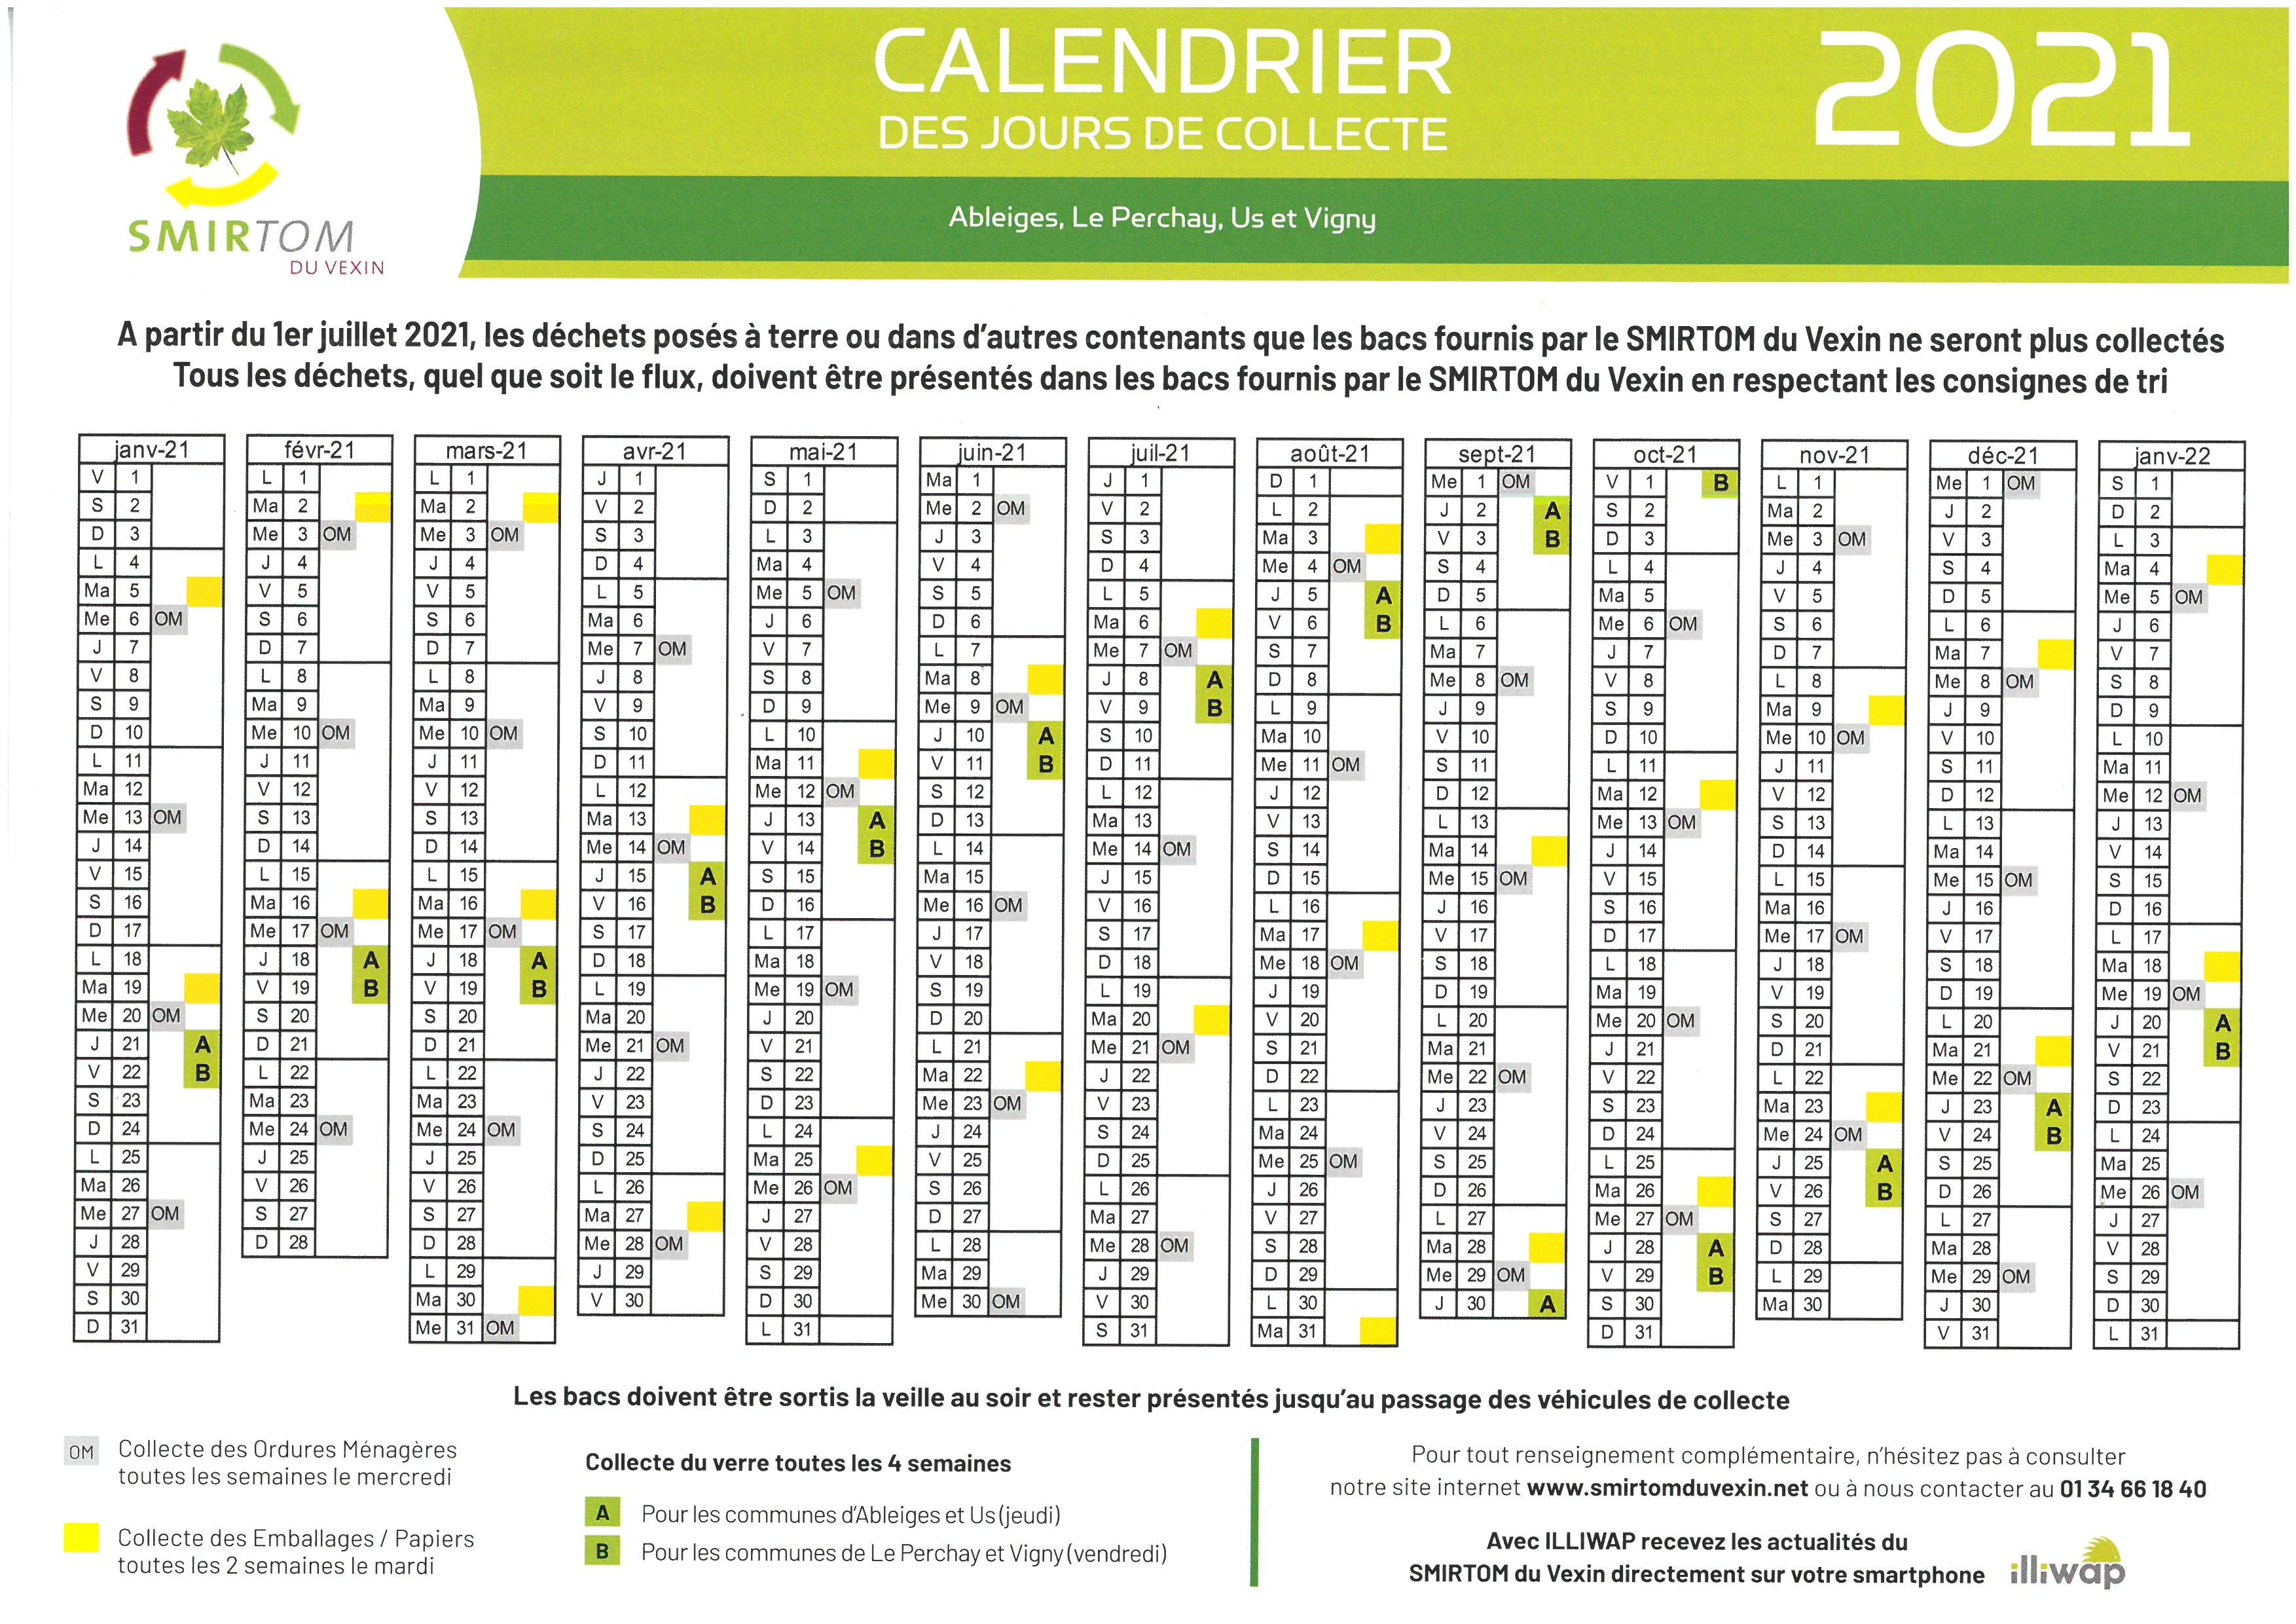 Smirtom Du Vexin Calendrier 2022 Calendrier SMIRTOM 2021 | Vigny